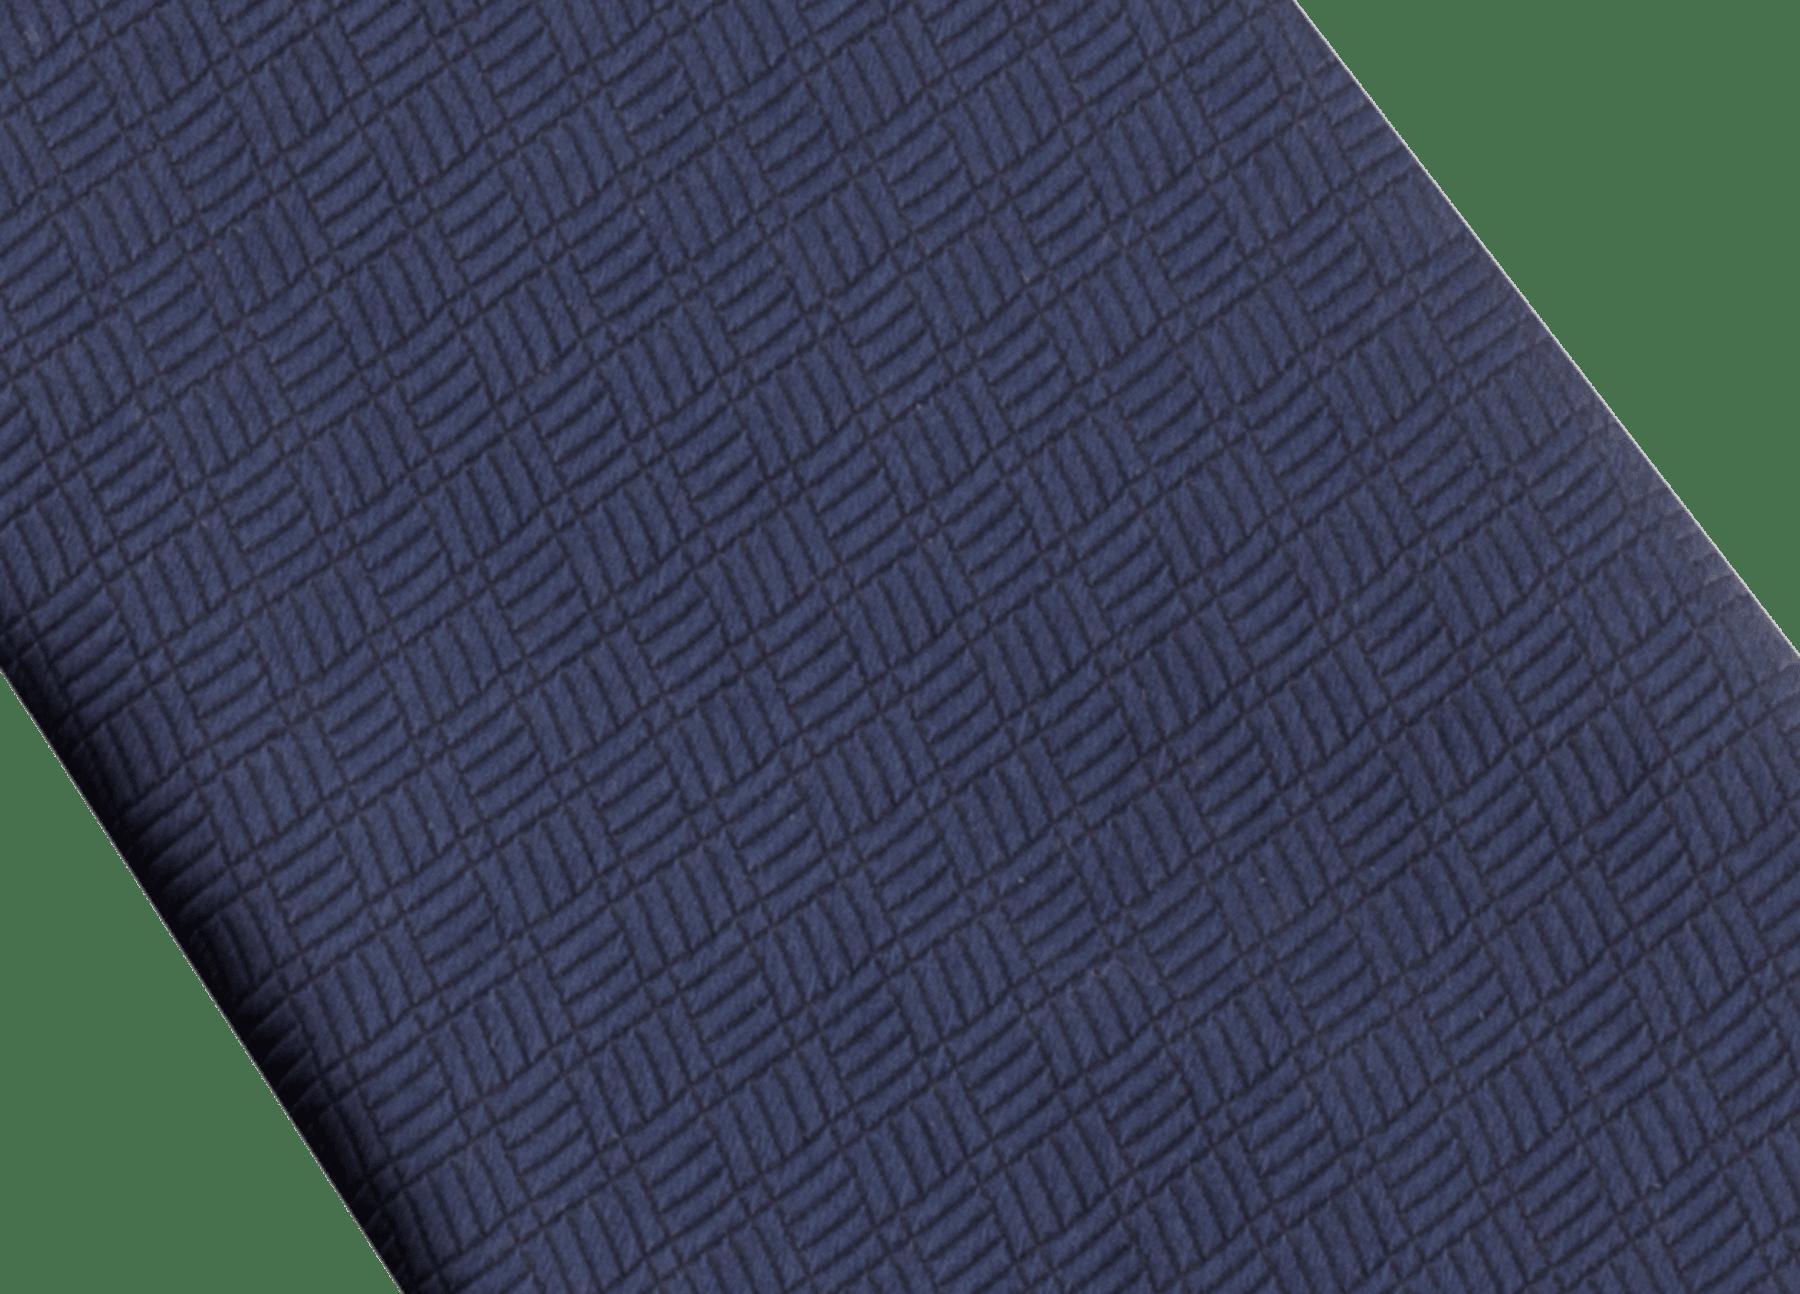 B3D柄があしらわれたネイビーのネクタイ。上質なジャカードシルク製。 B3D image 2